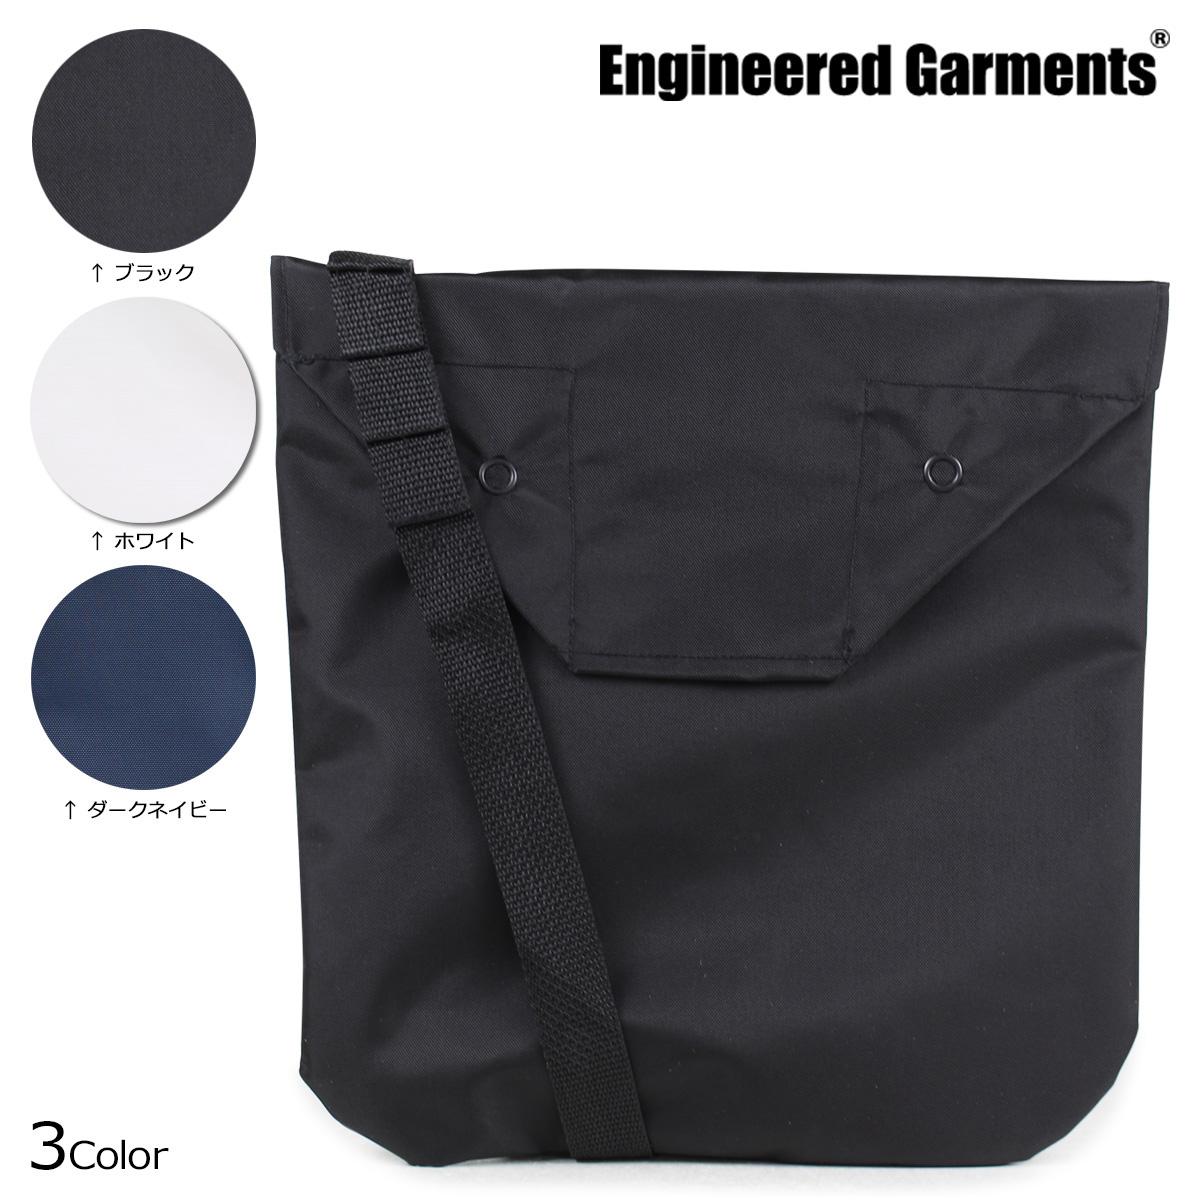 エンジニアド ガーメンツ ENGINEERED GARMENTS バッグ メンズ レディース ショルダーバッグ SHOULDER POUCH ブラック ホワイト ネイビー